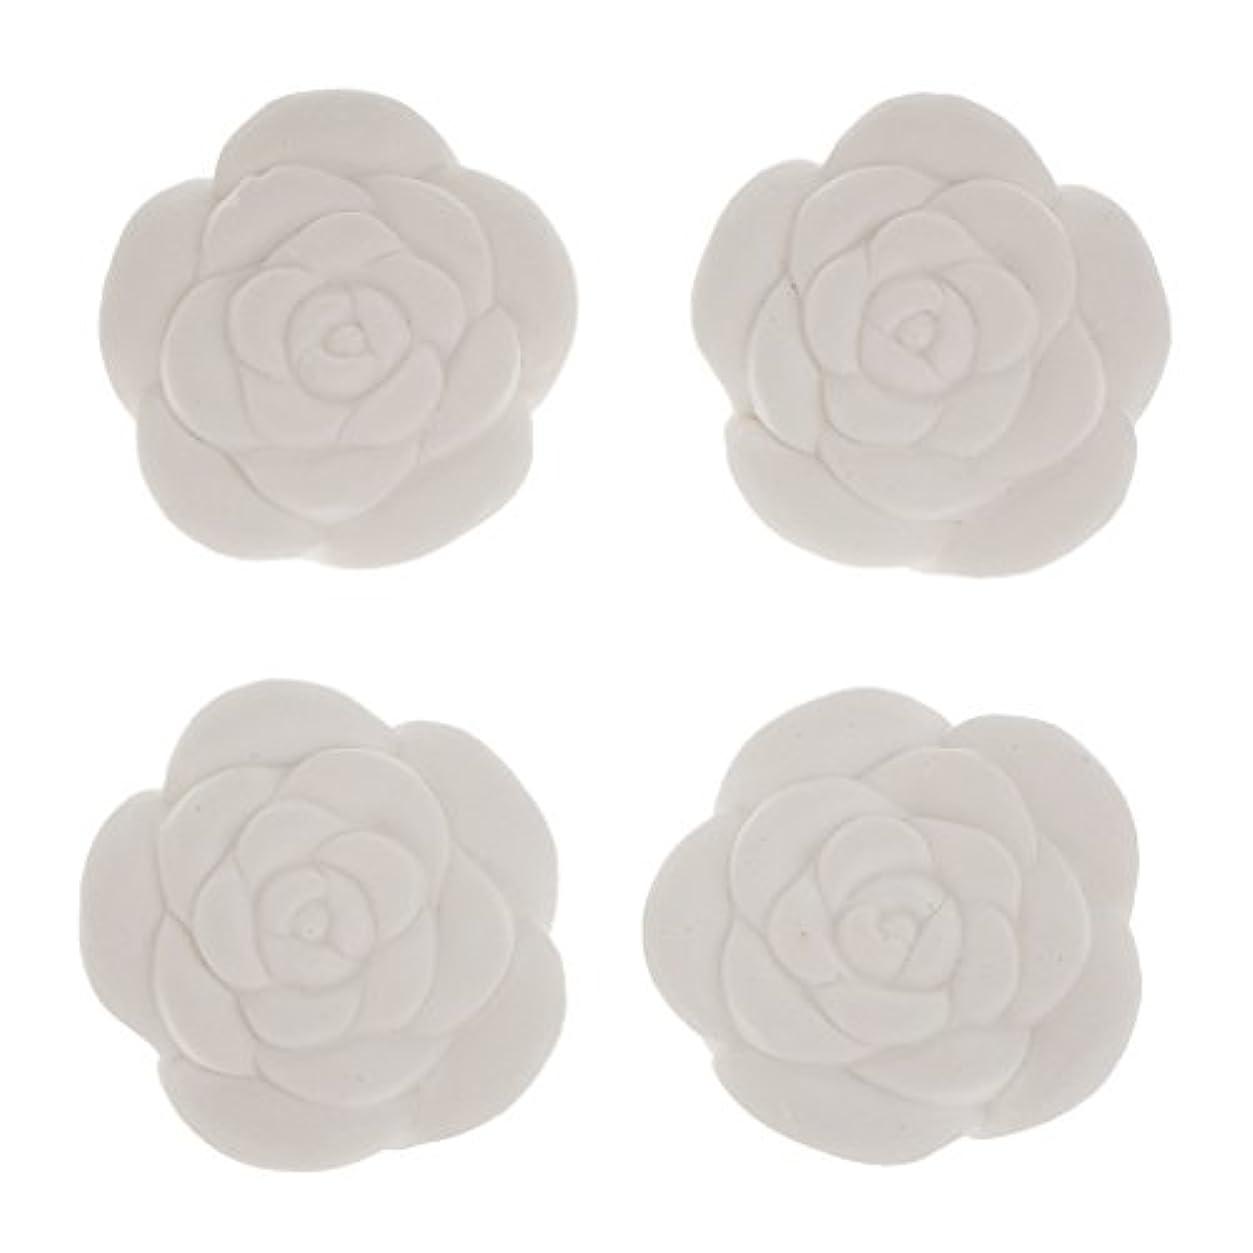 反映する接続熟読する全8パタン選べ 4個入り DIY エッセンシャルオイル ストーン 香水 芳香剤 エッセンシャルオイル - #4